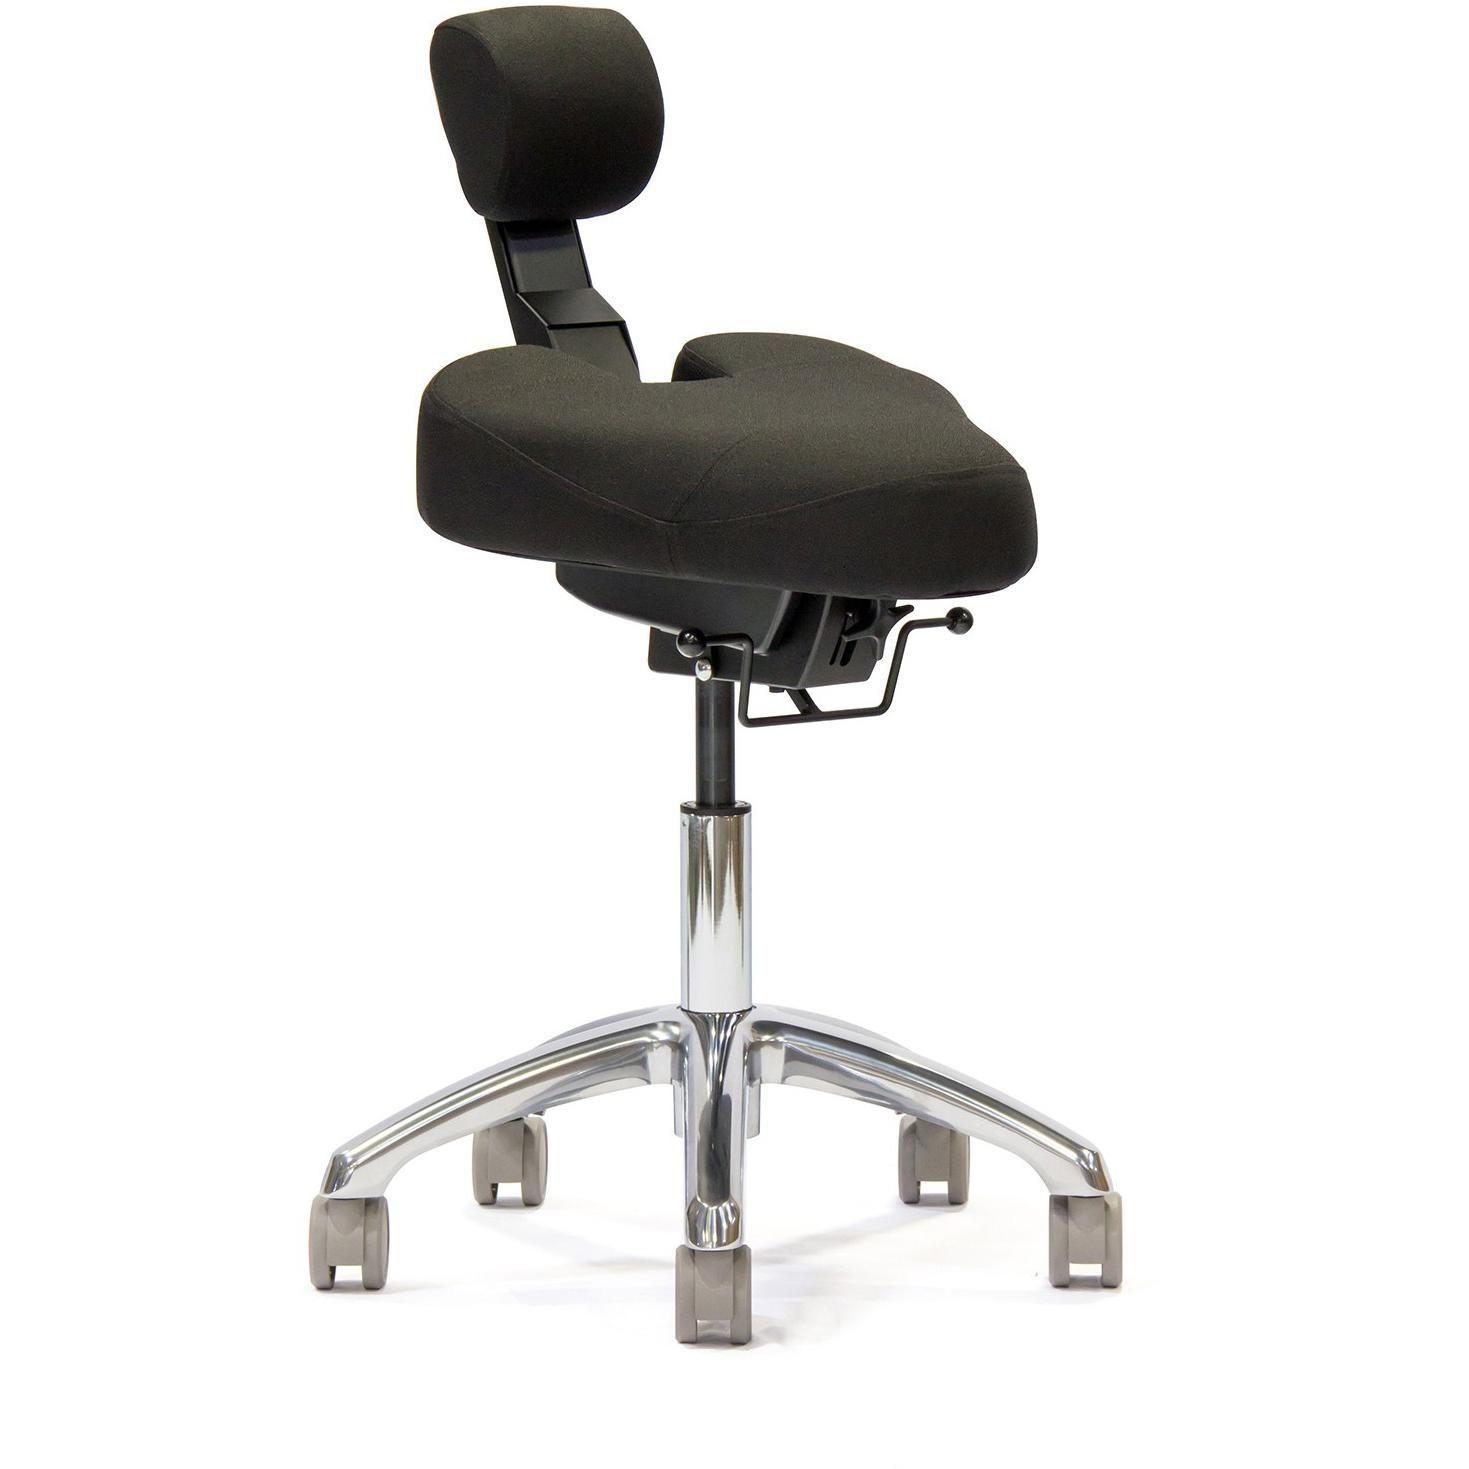 Dynamic Saddle Style Ergonomic Chair Fauteuil Bureau Fauteuil